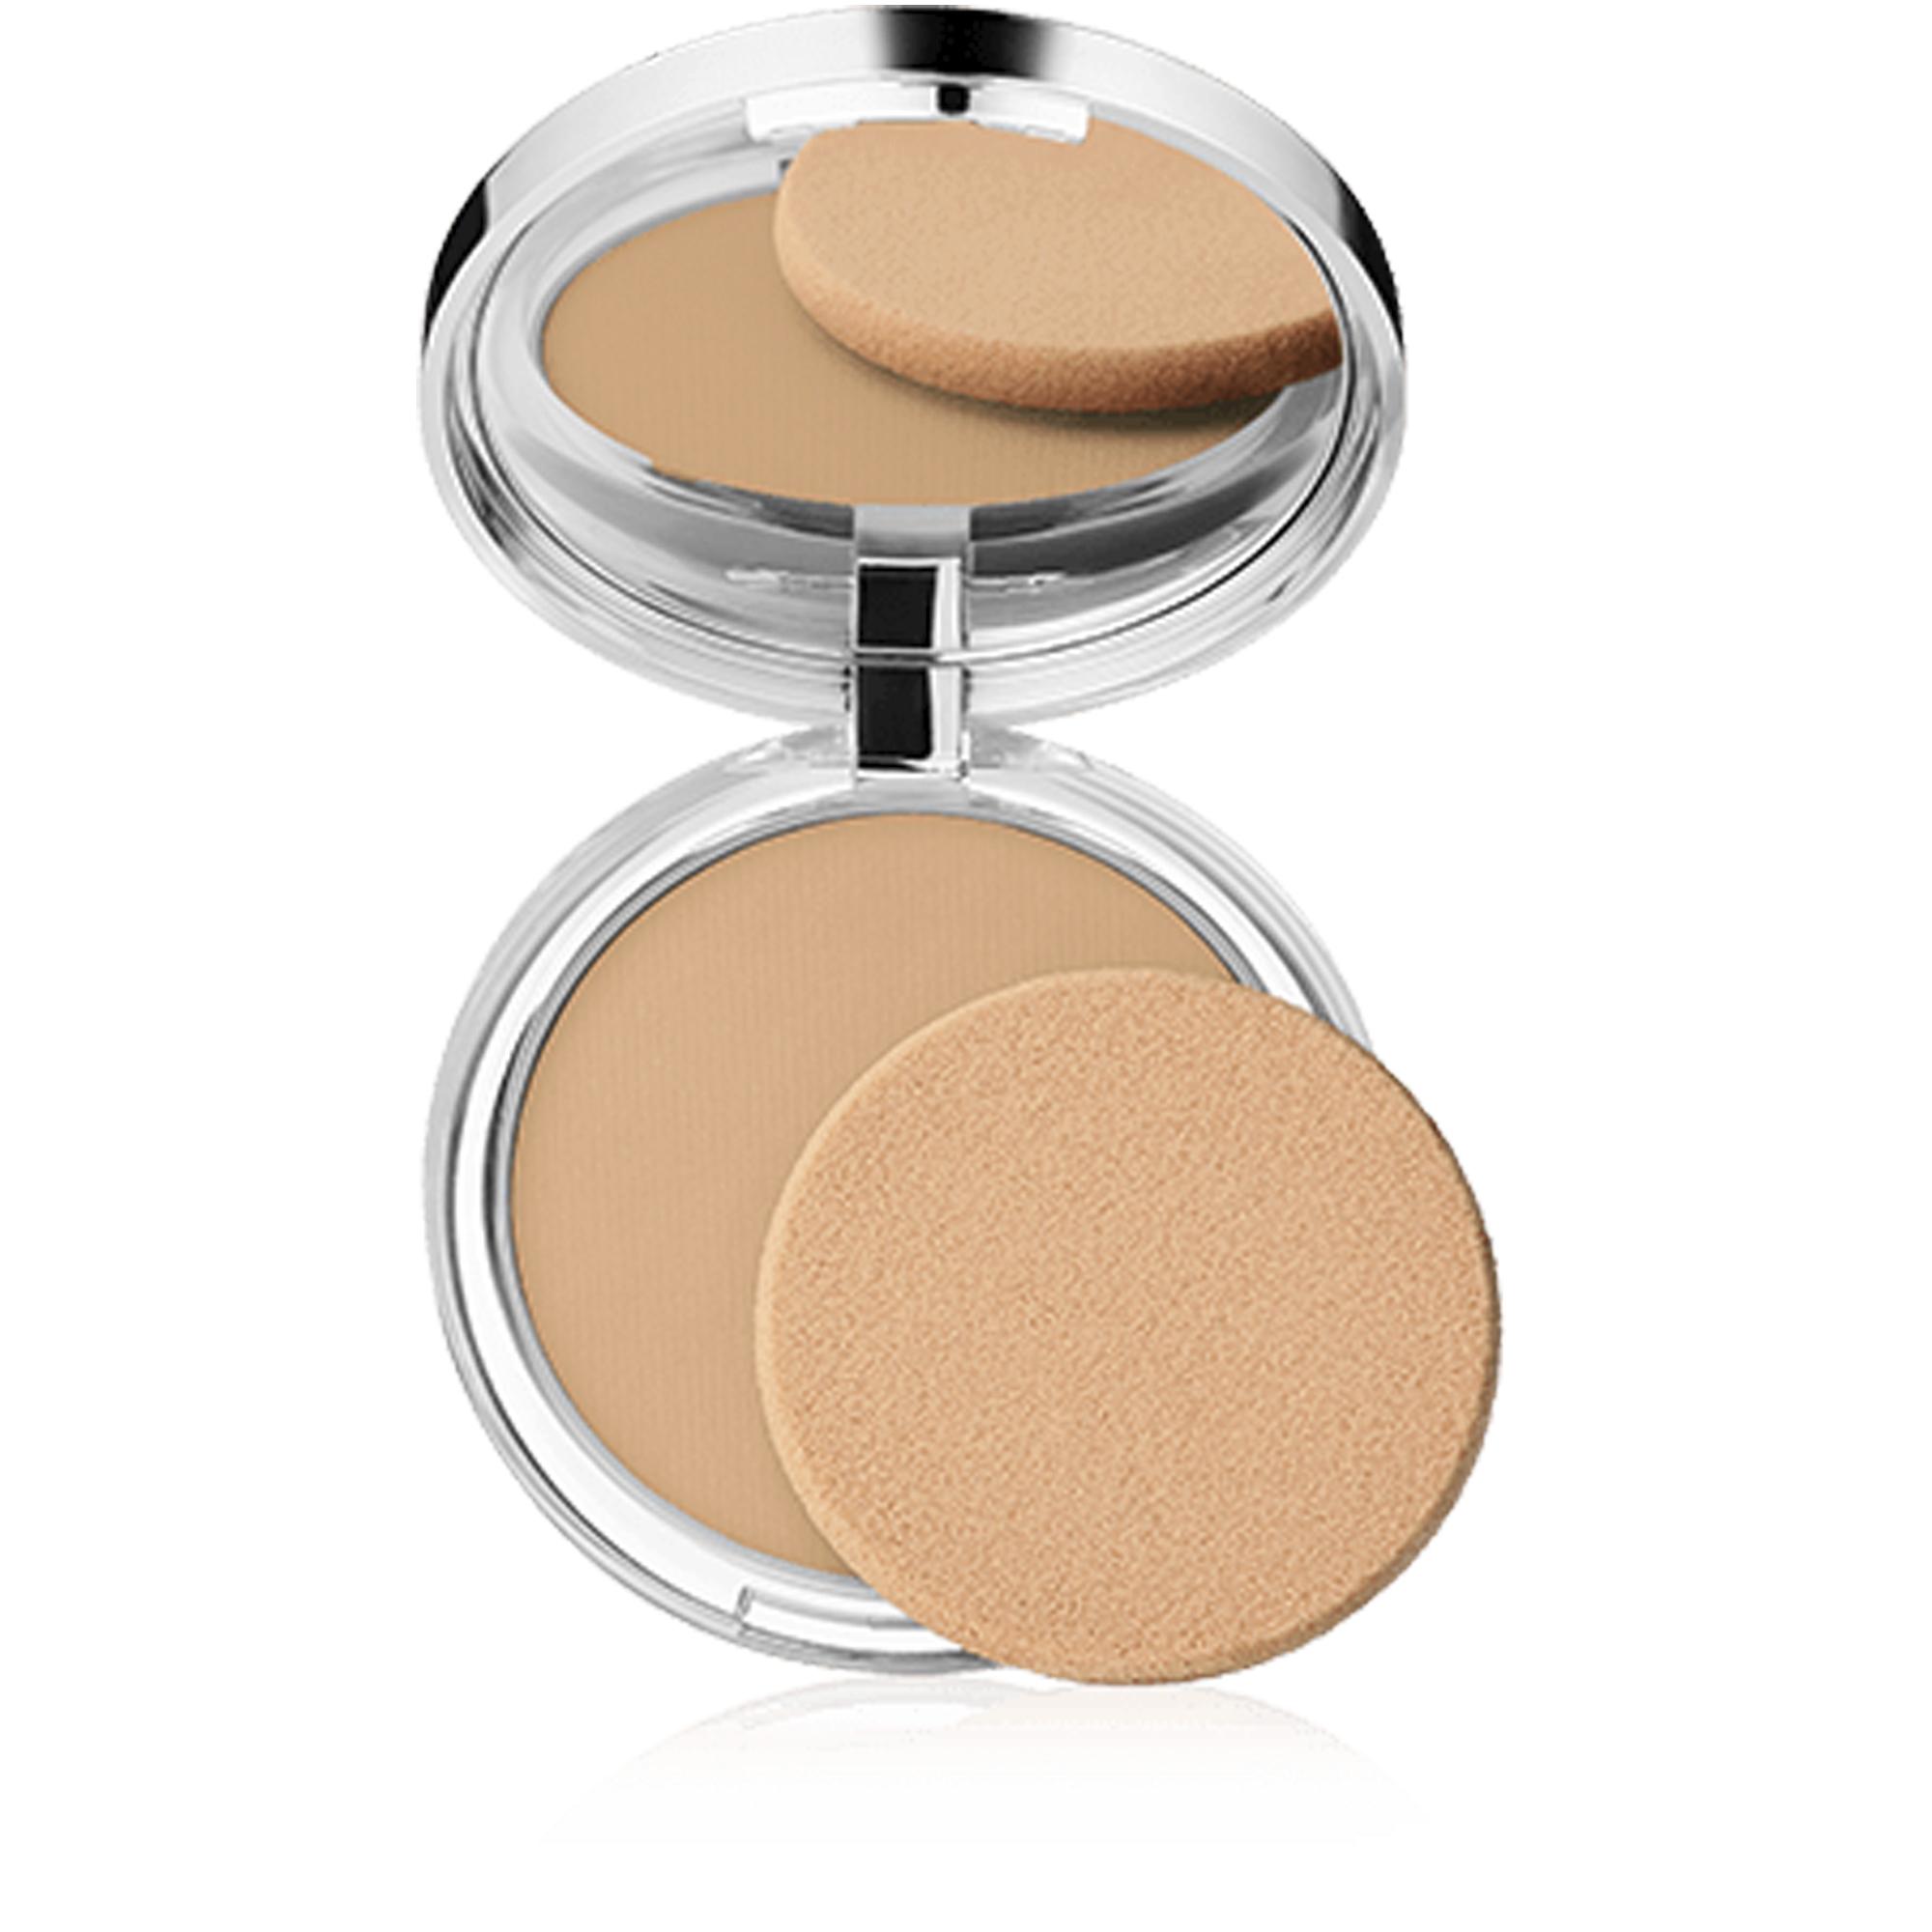 Clinique Superpowder/Double Face Powder, matte honey